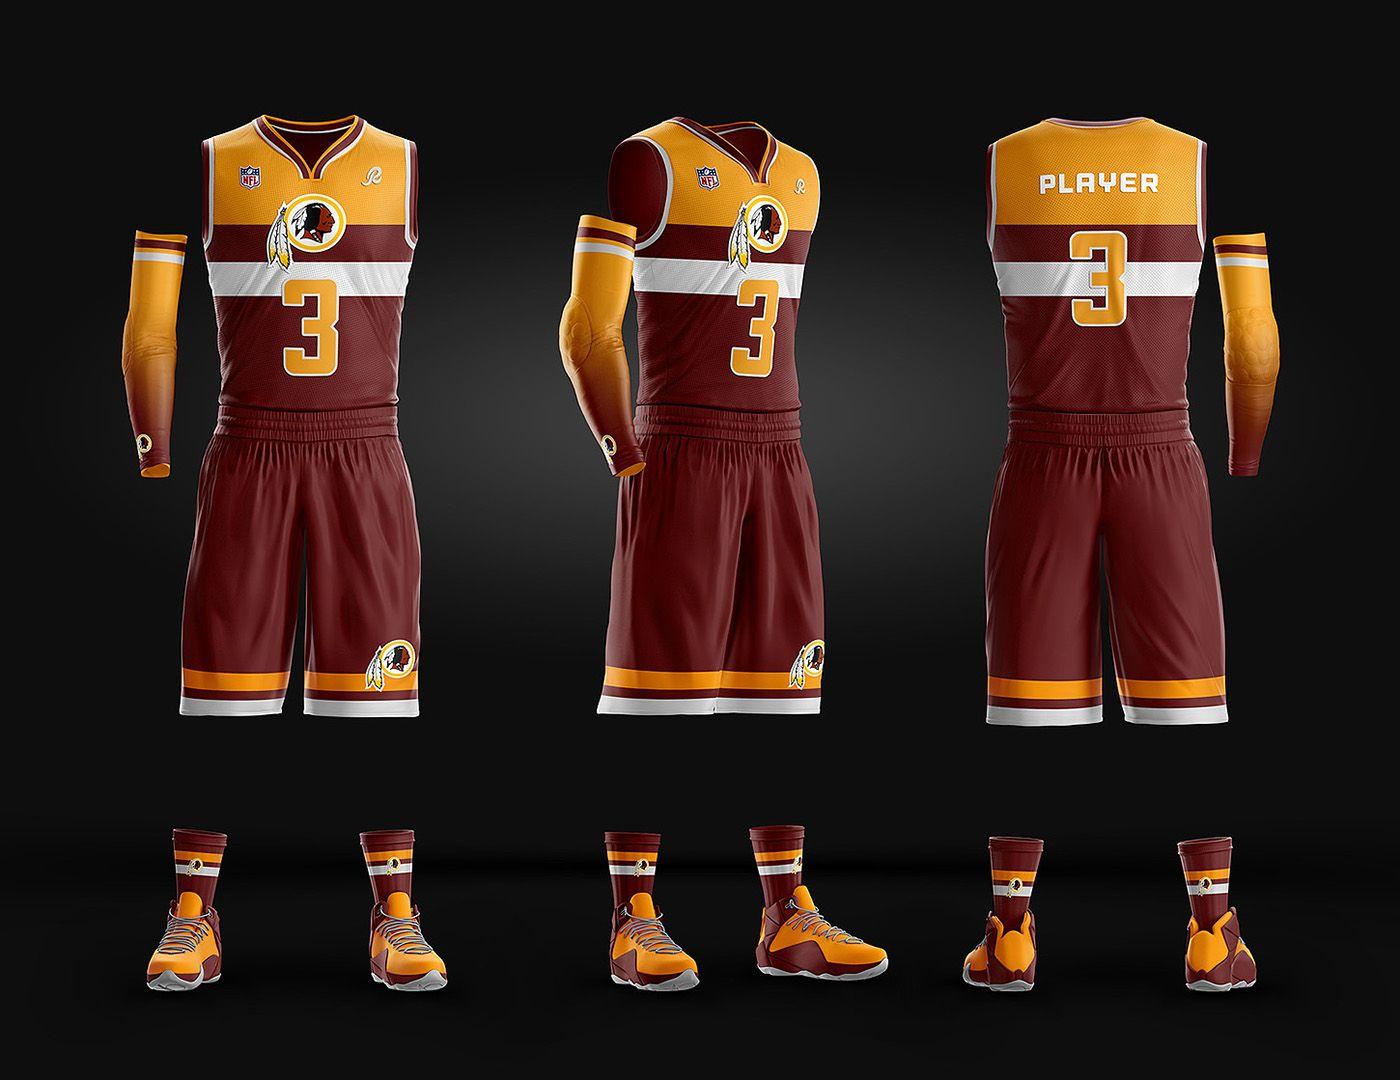 Download Basketball Uniform Jersey Psd Template On Behance Basketball Uniforms Design Basketball Uniforms Custom Basketball Uniforms